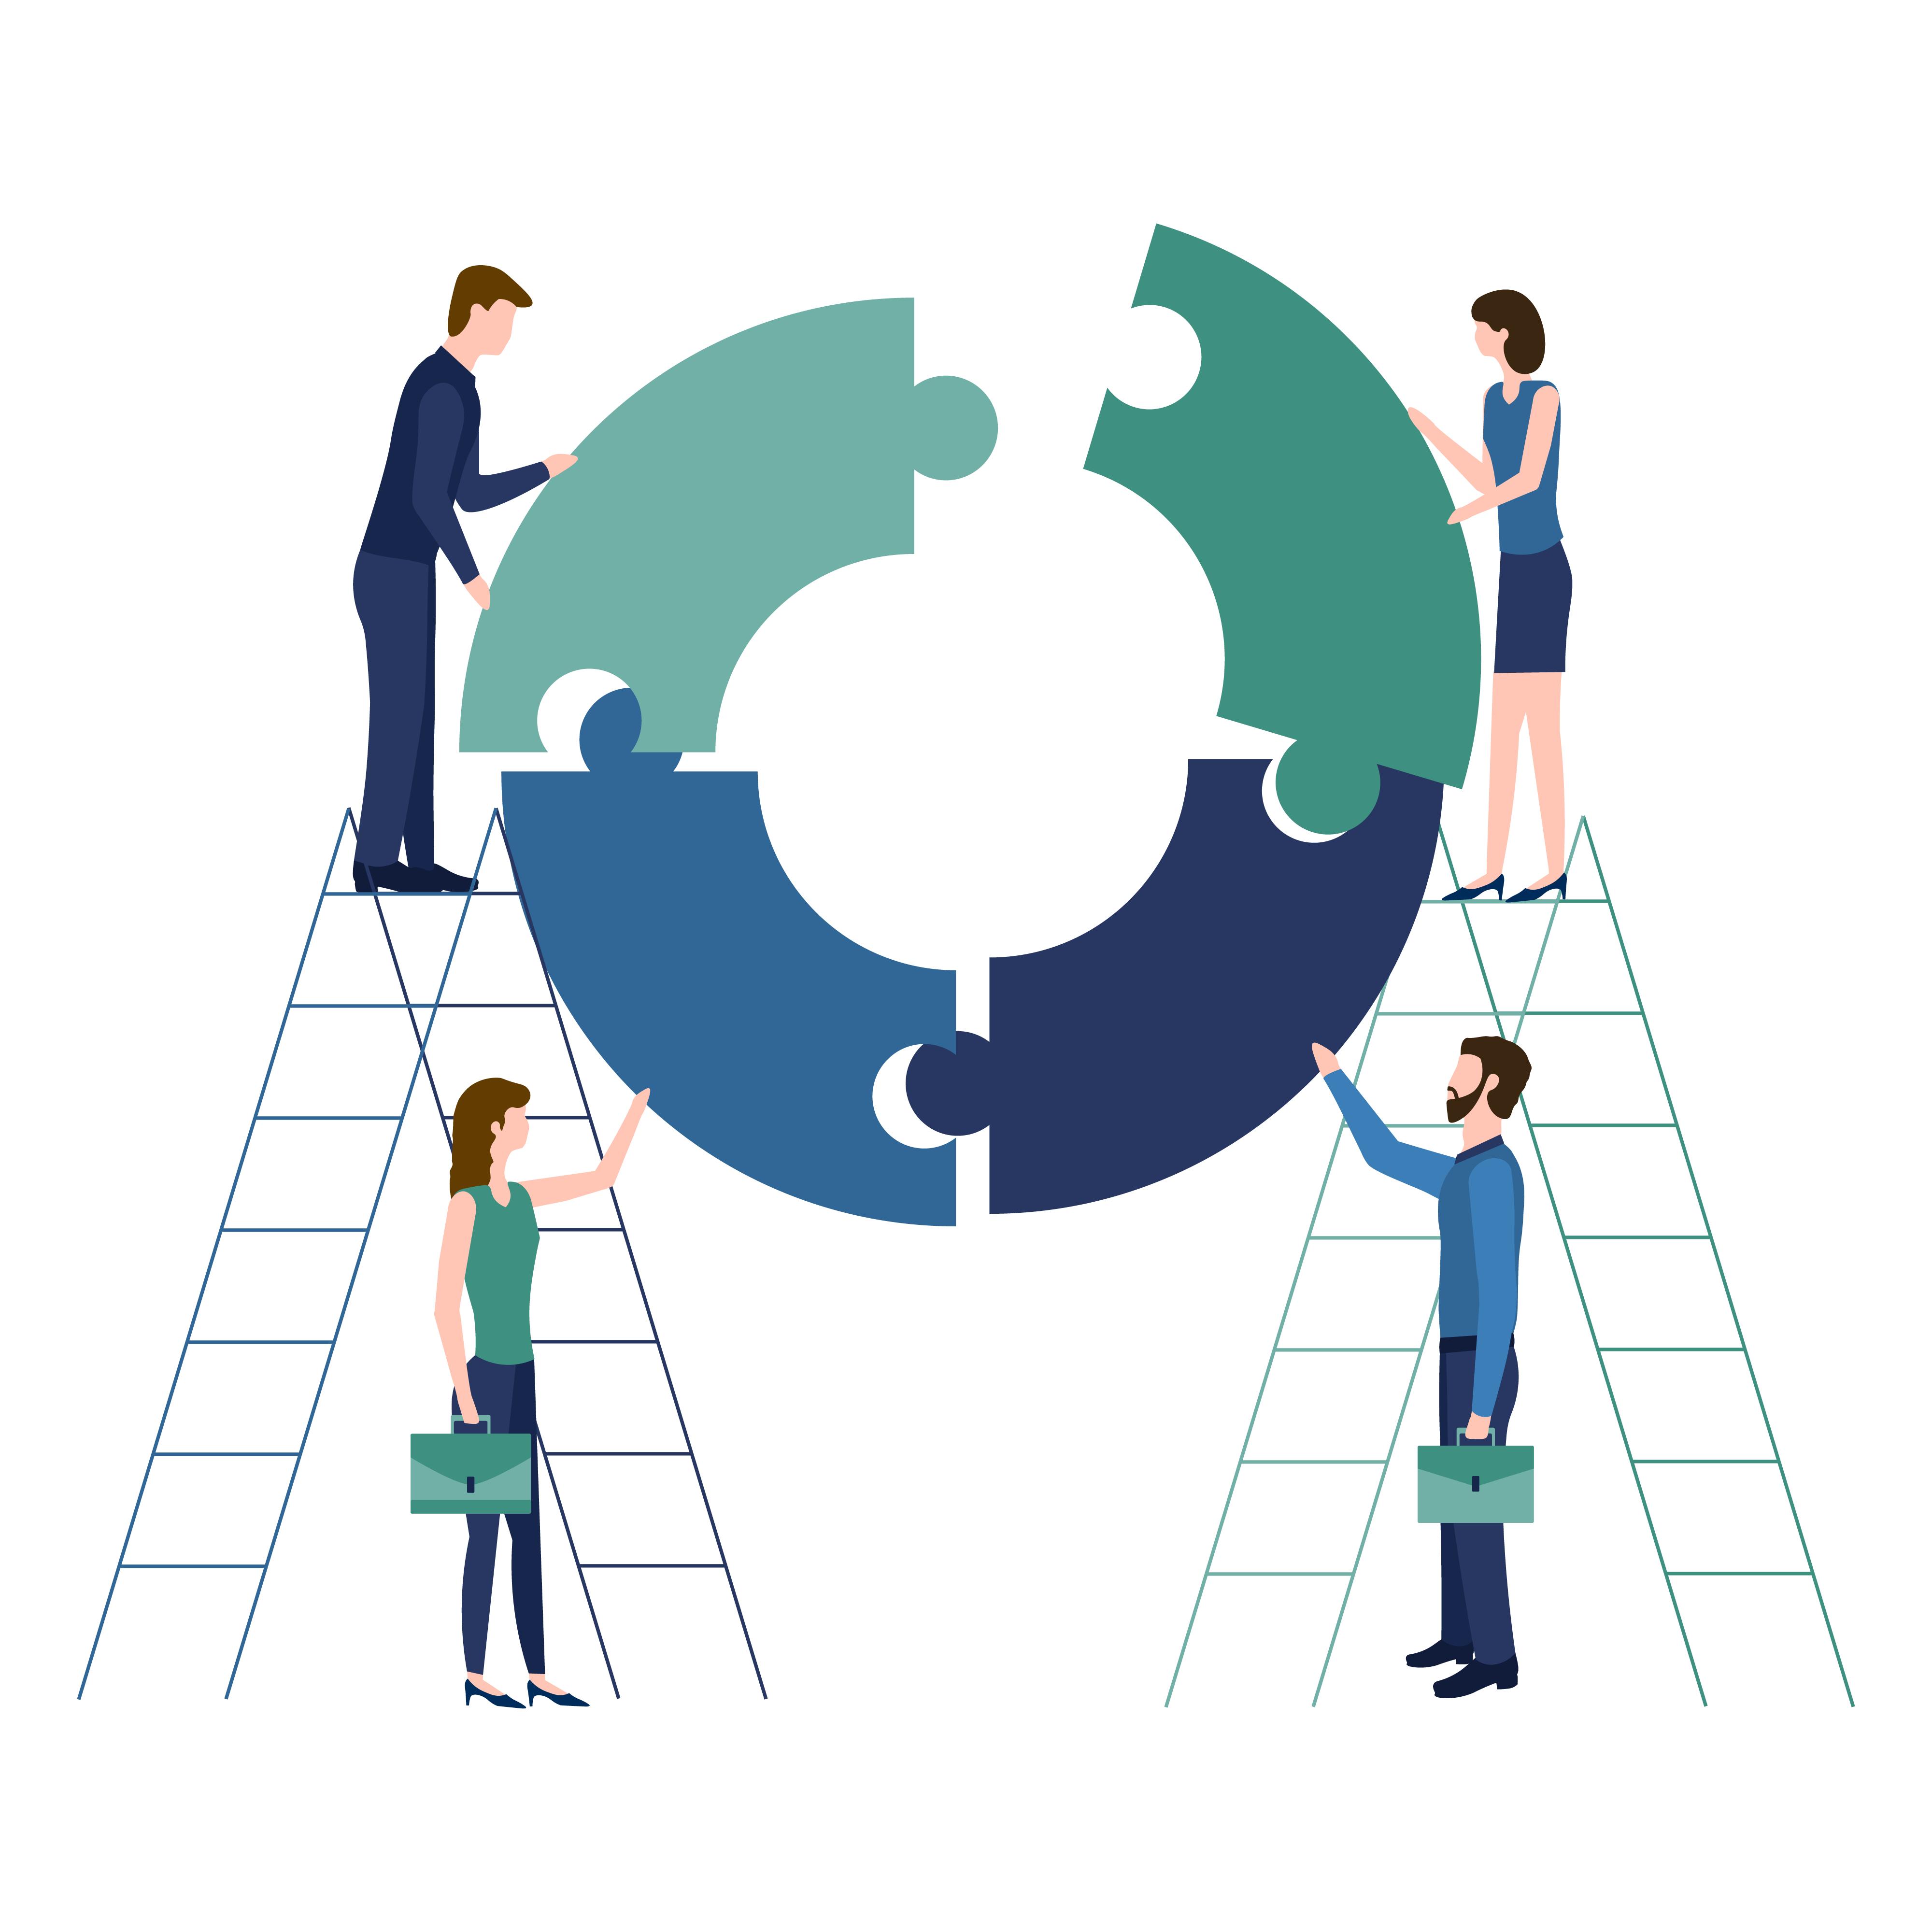 Vertrauensarbeitszeit - Teamwork concept